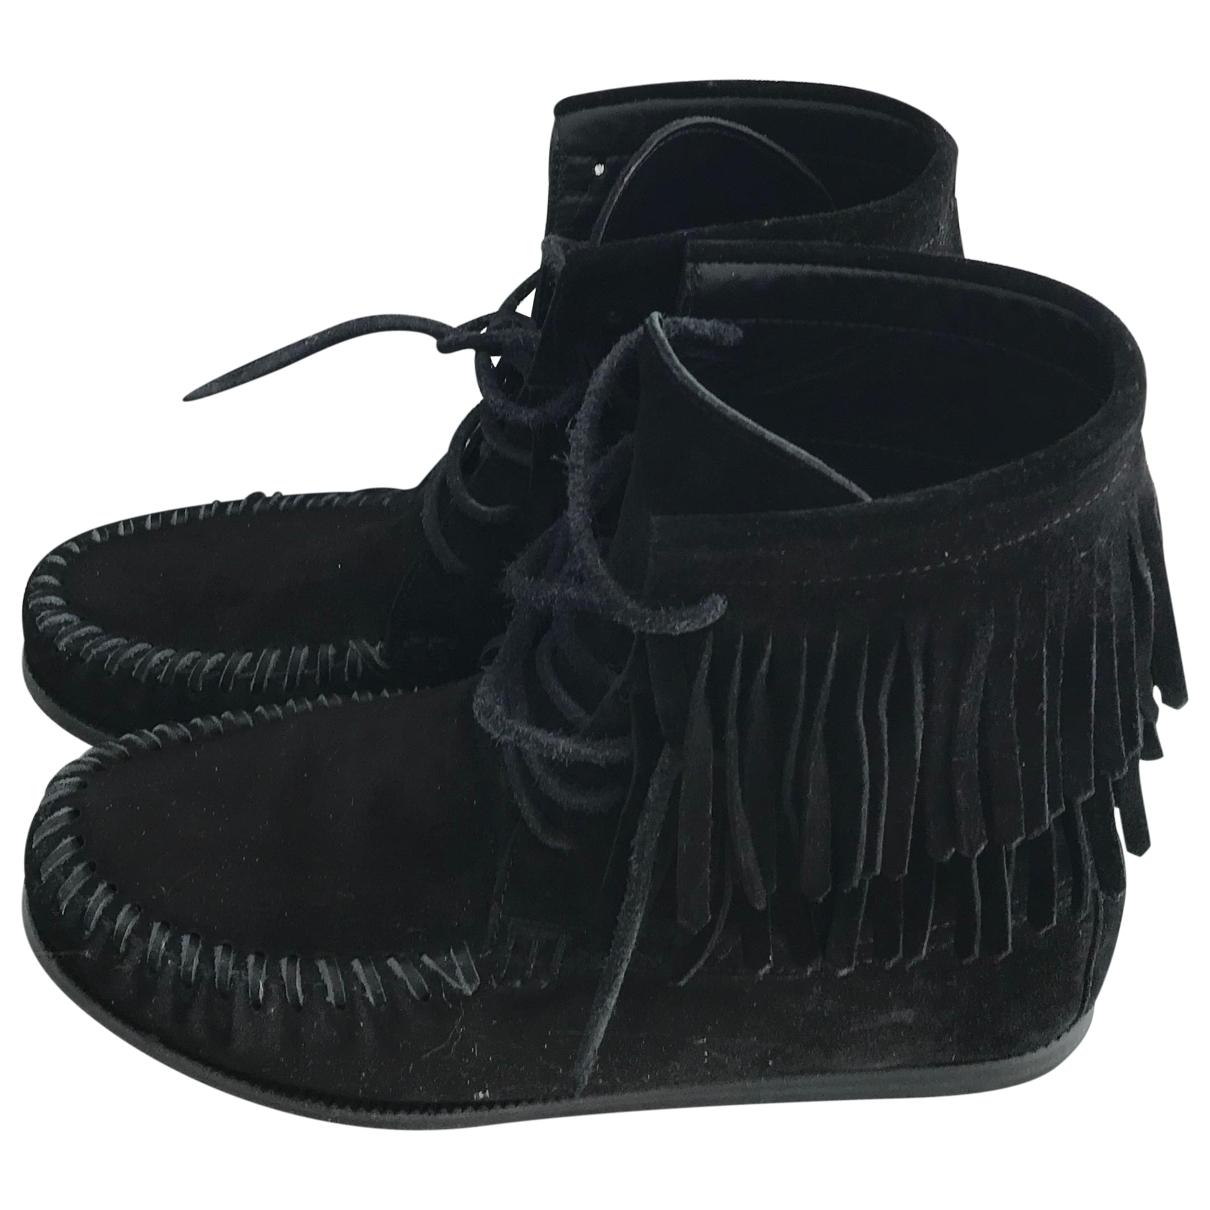 Saint Laurent \N Black Suede Ankle boots for Women 36 EU